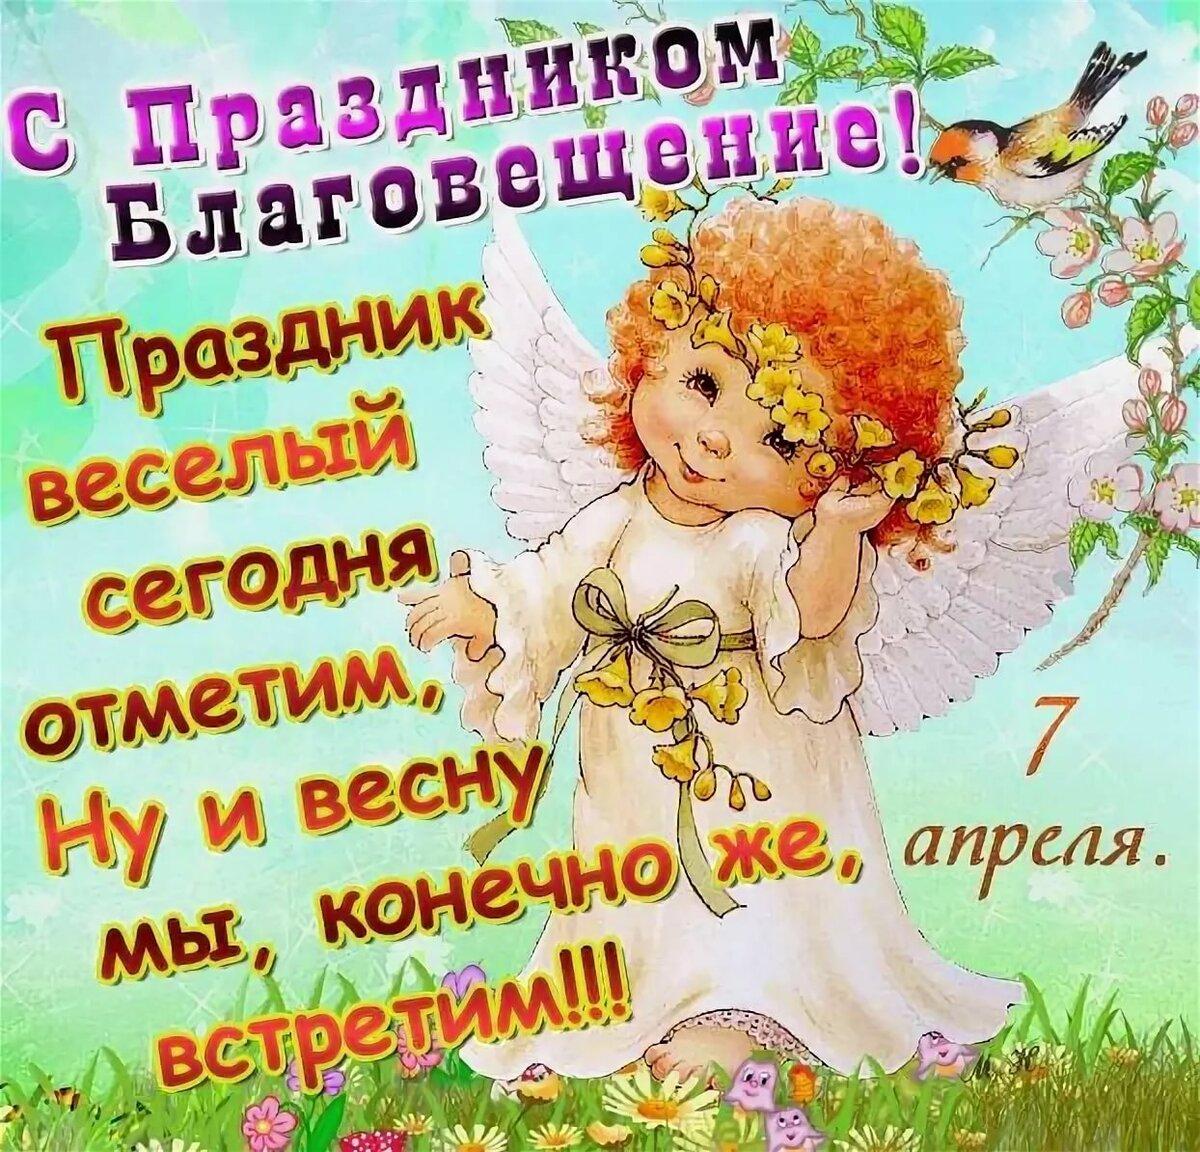 Благовещение красивые открытки с поздравлением, открытка шаблон открытки